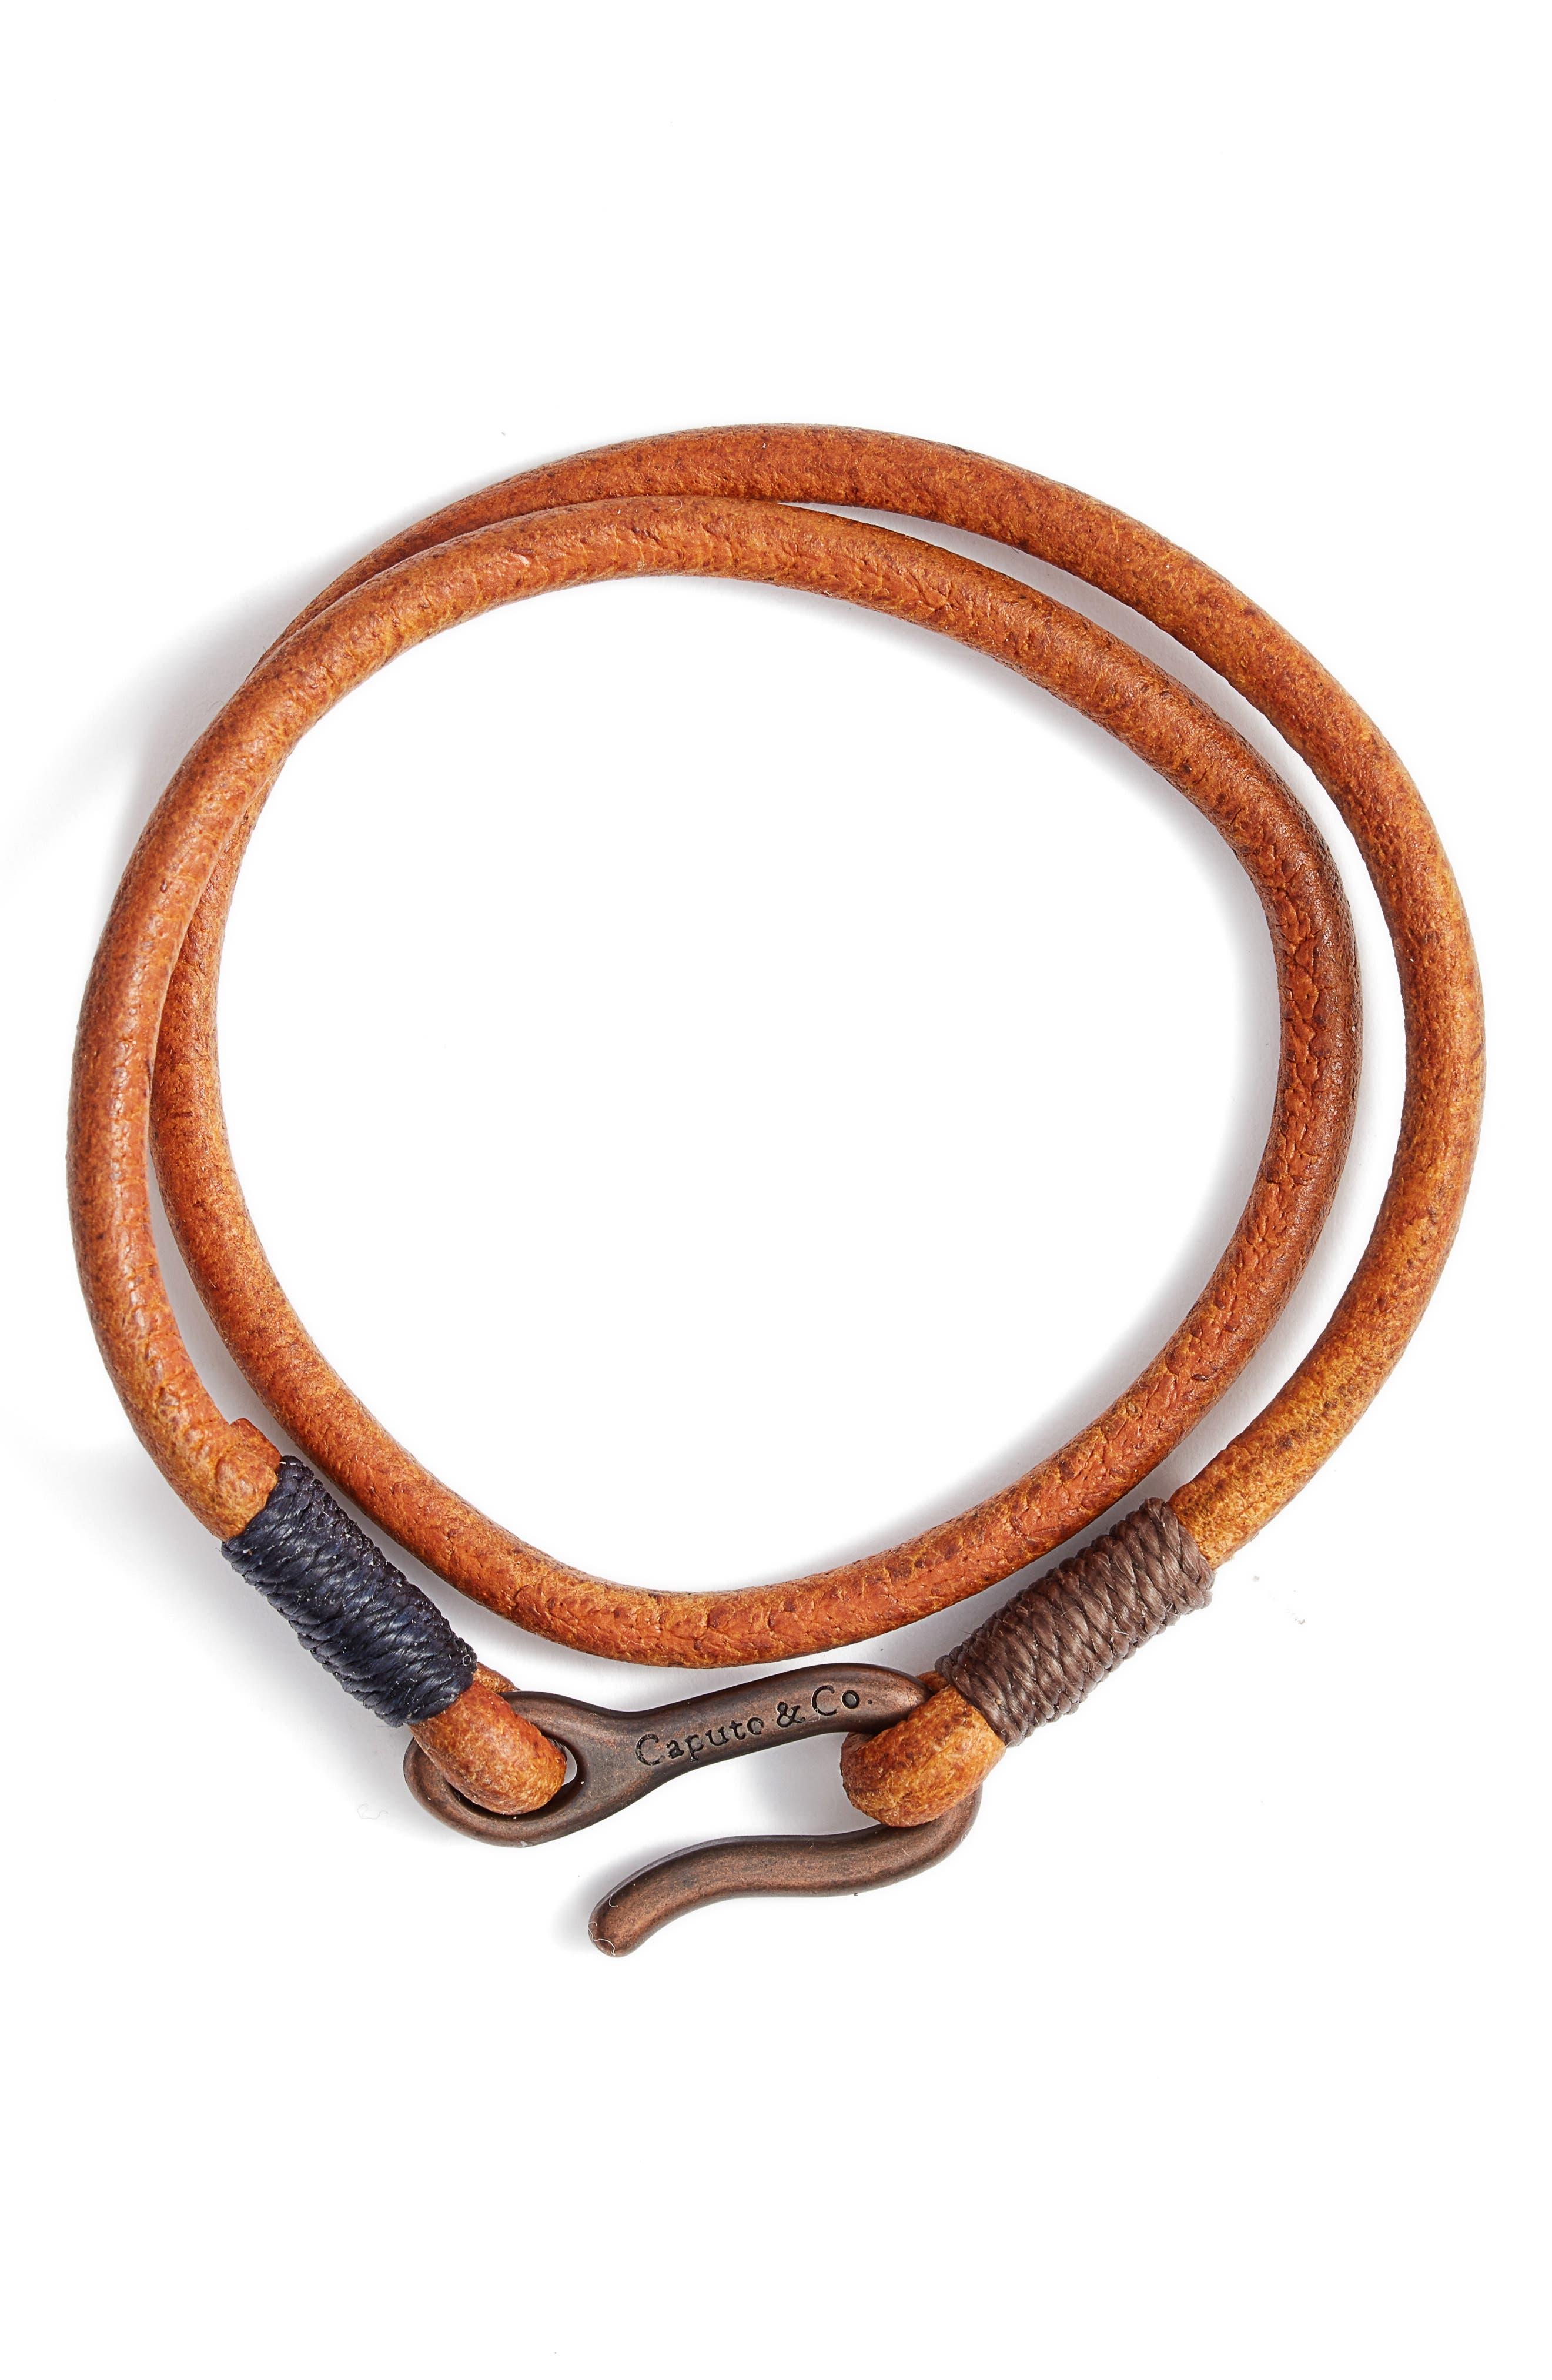 Men's Leather Cord Double Wrap Bracelet